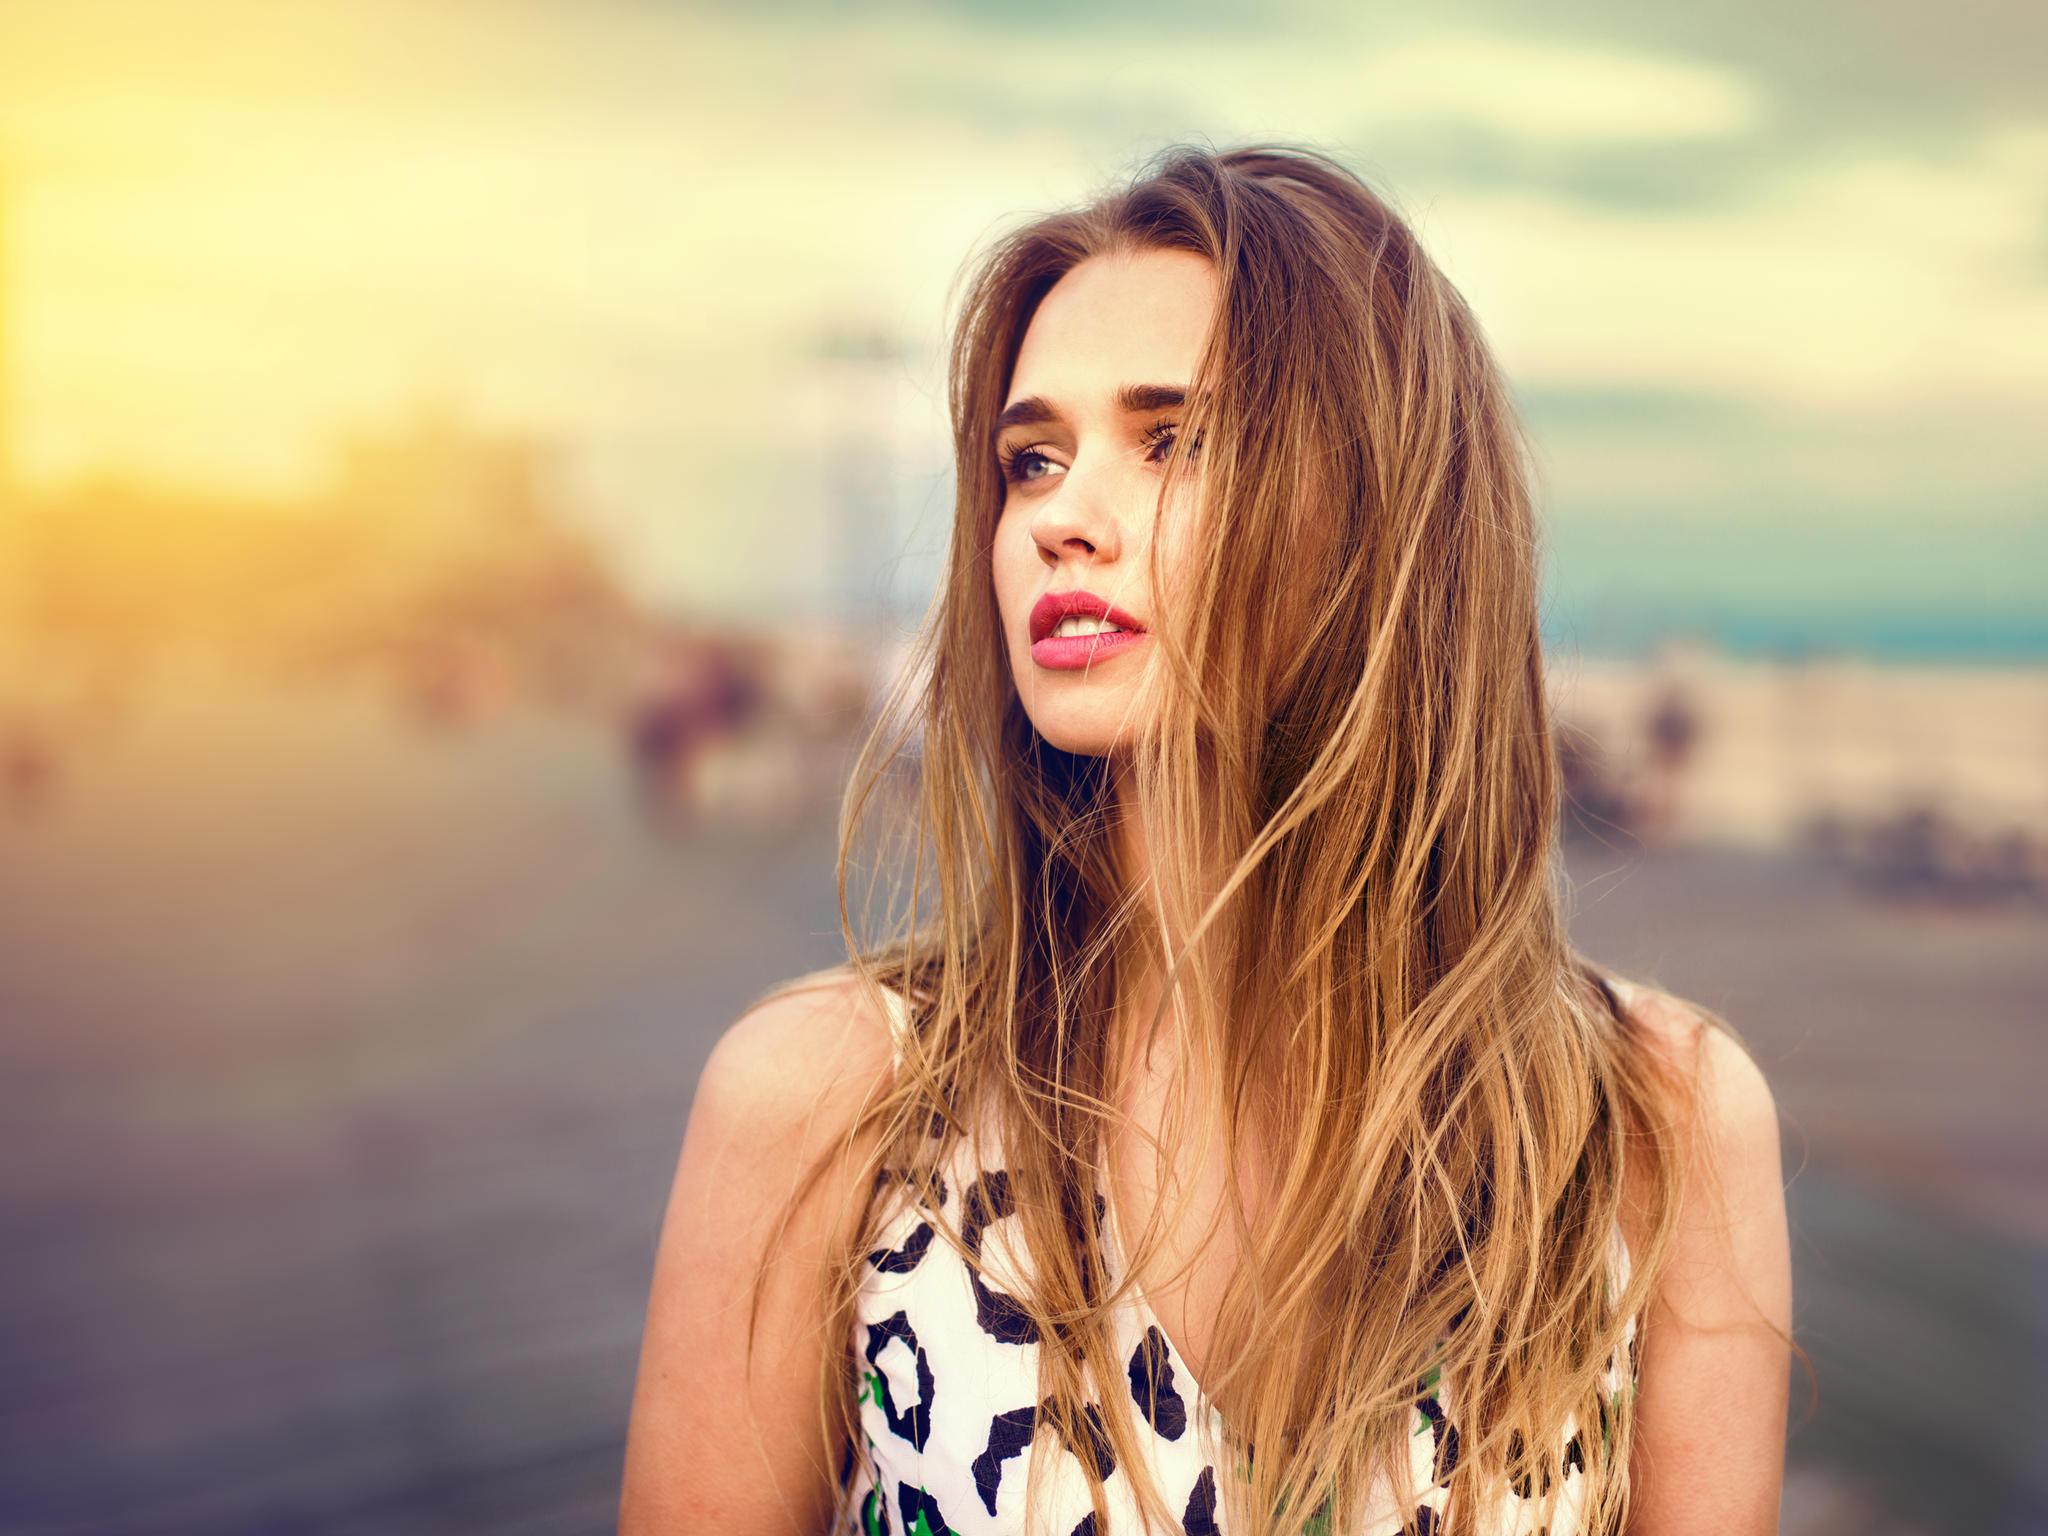 Gi Haarschnitt  Neuer Haarschnitt gefällig Finde Inspirationen